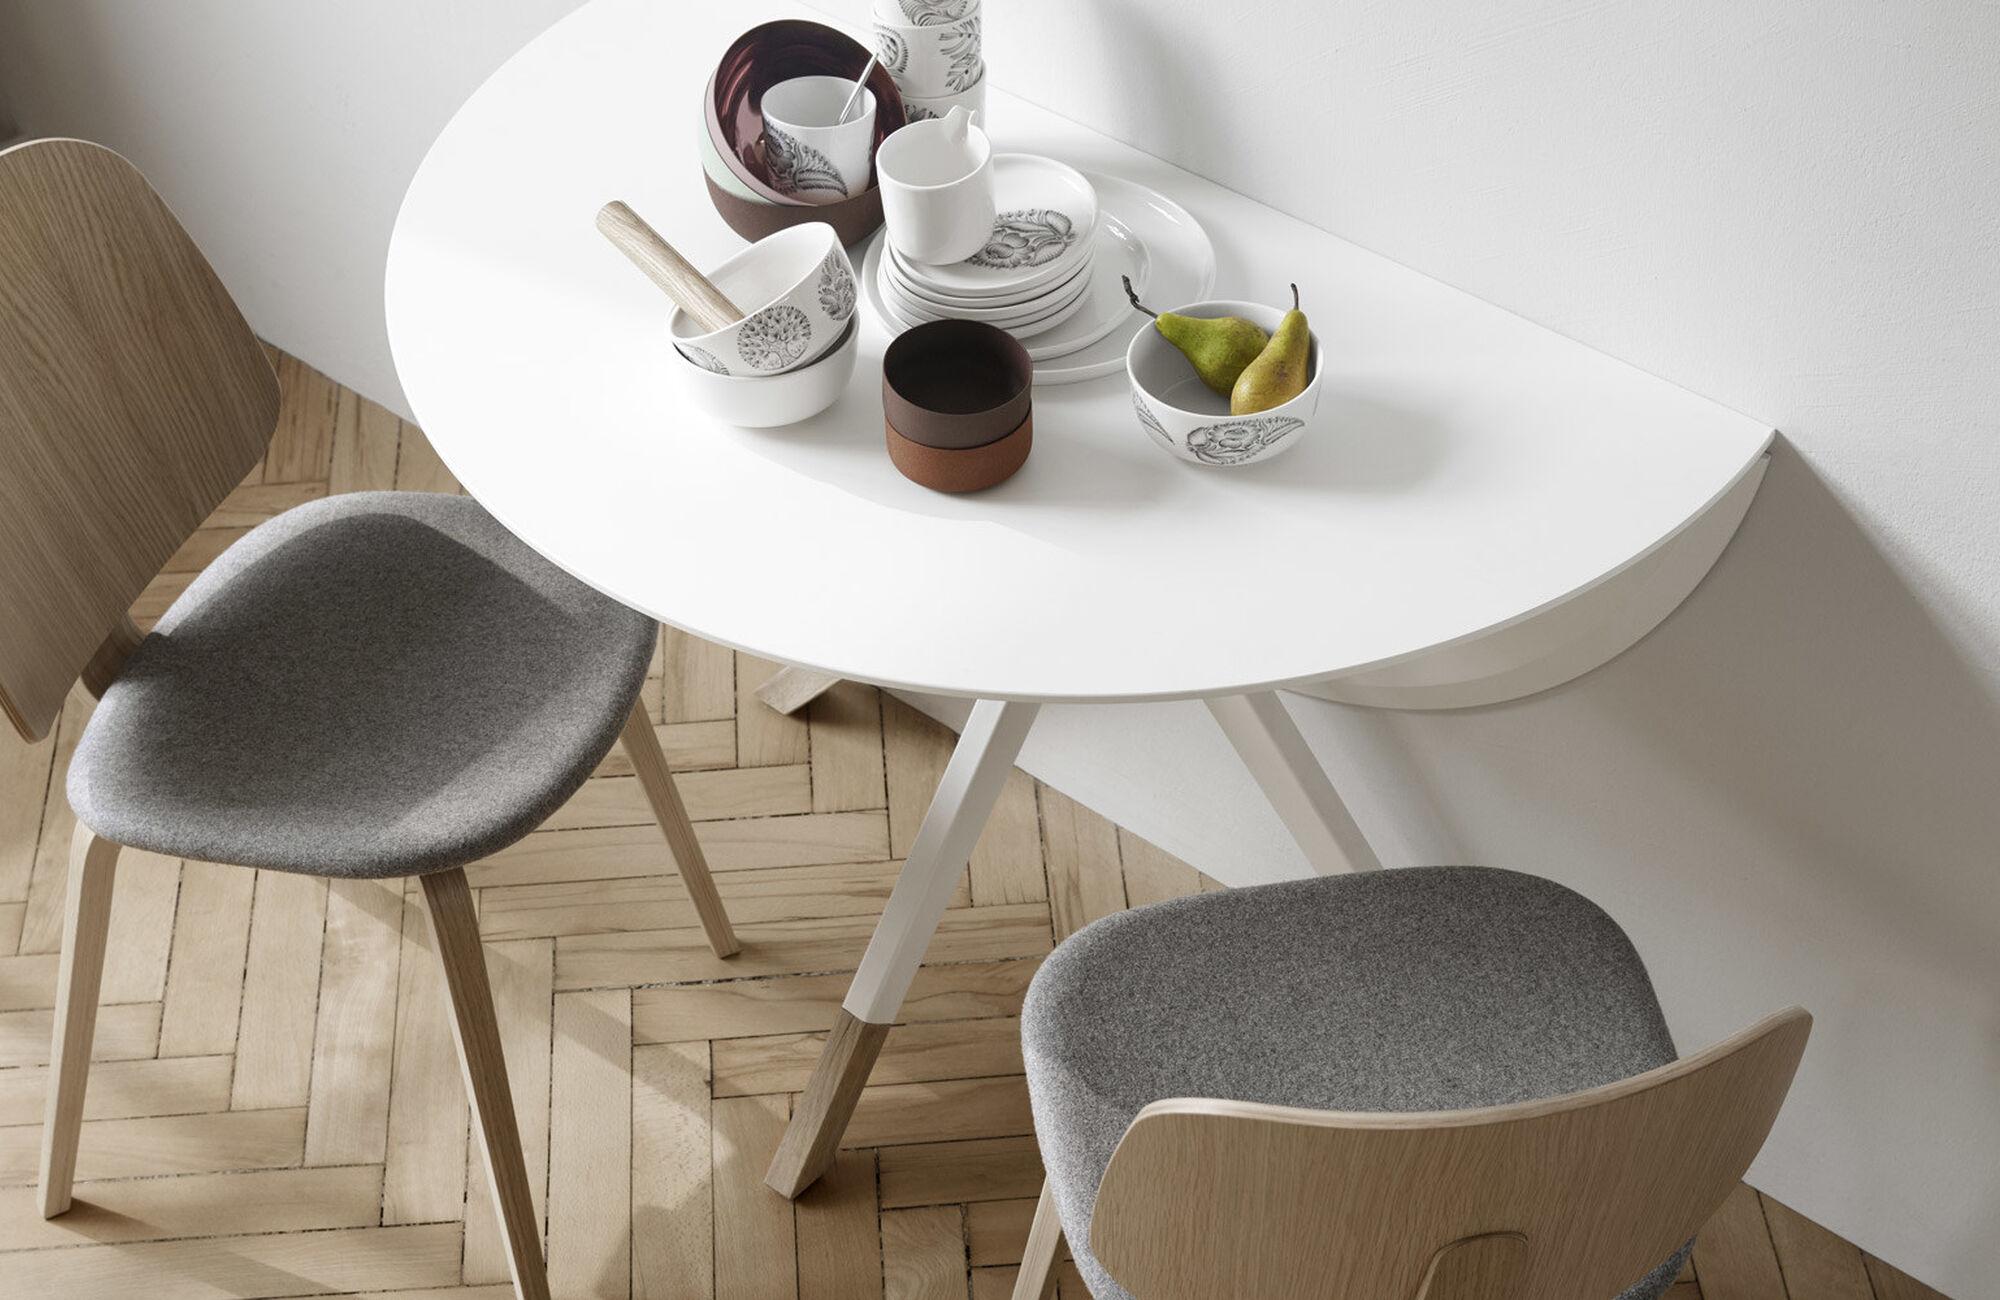 Full Size of Klapptisch Ausziehbare Esstische Billund Tisch Boconcept Garten Küche Wohnzimmer Wand:ylp2gzuwkdi= Klapptisch